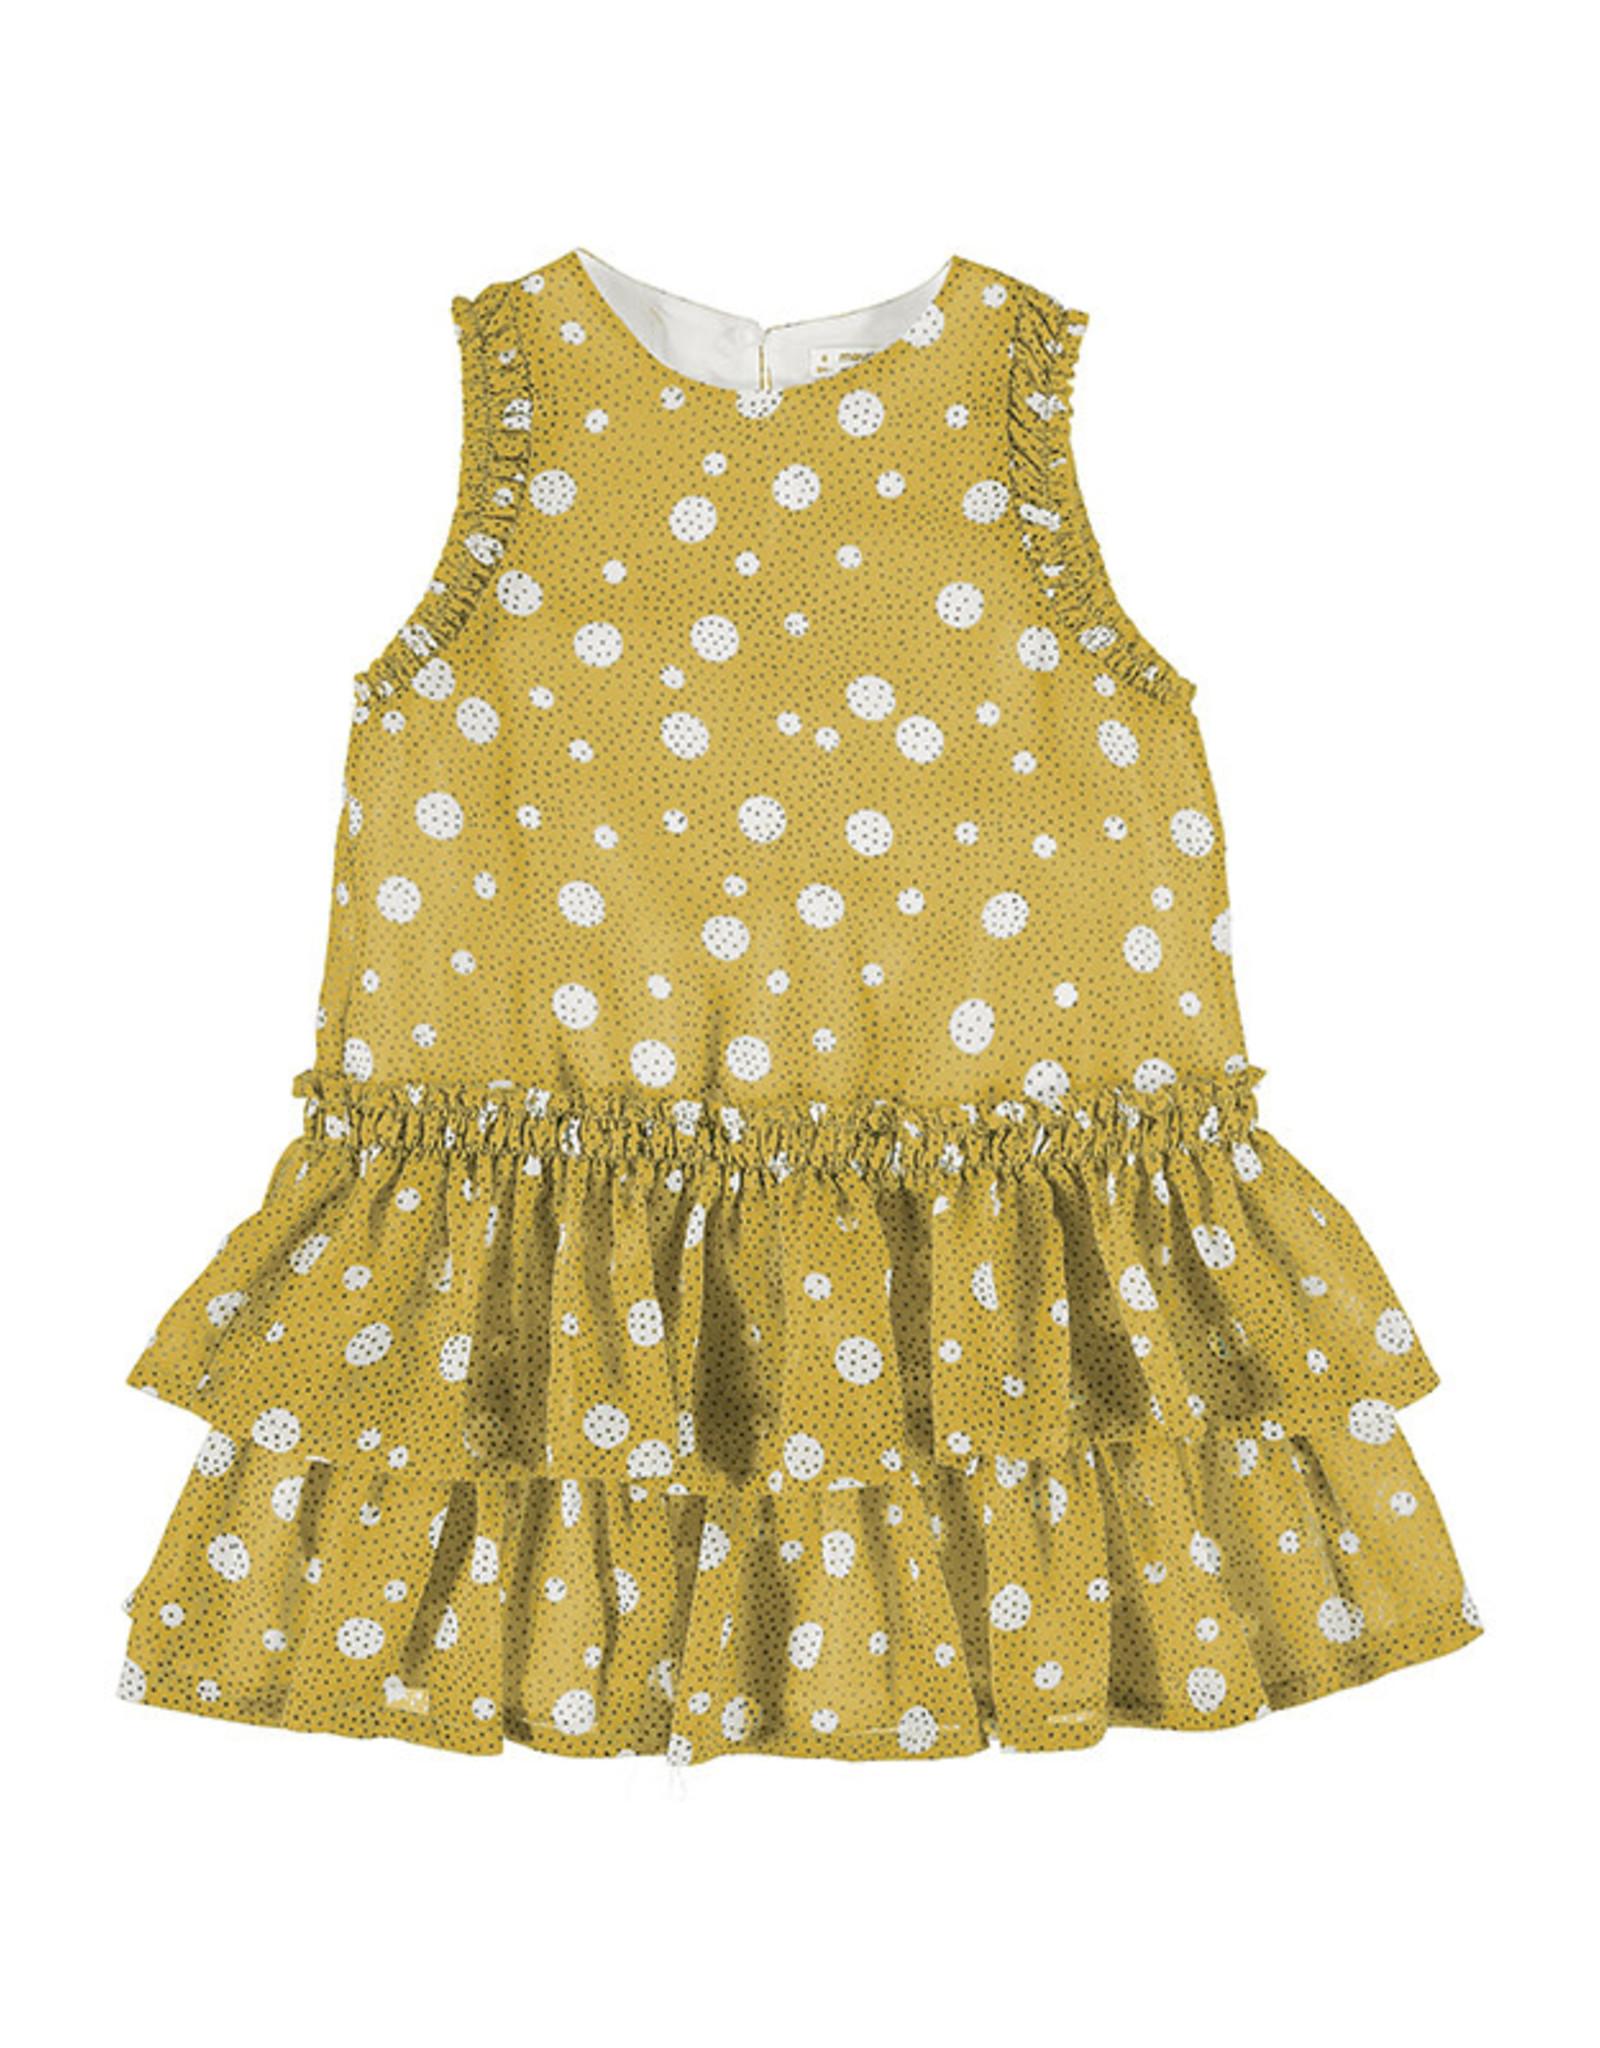 Mayoral Dress Yellow Chiffon Dots Layered Skirt